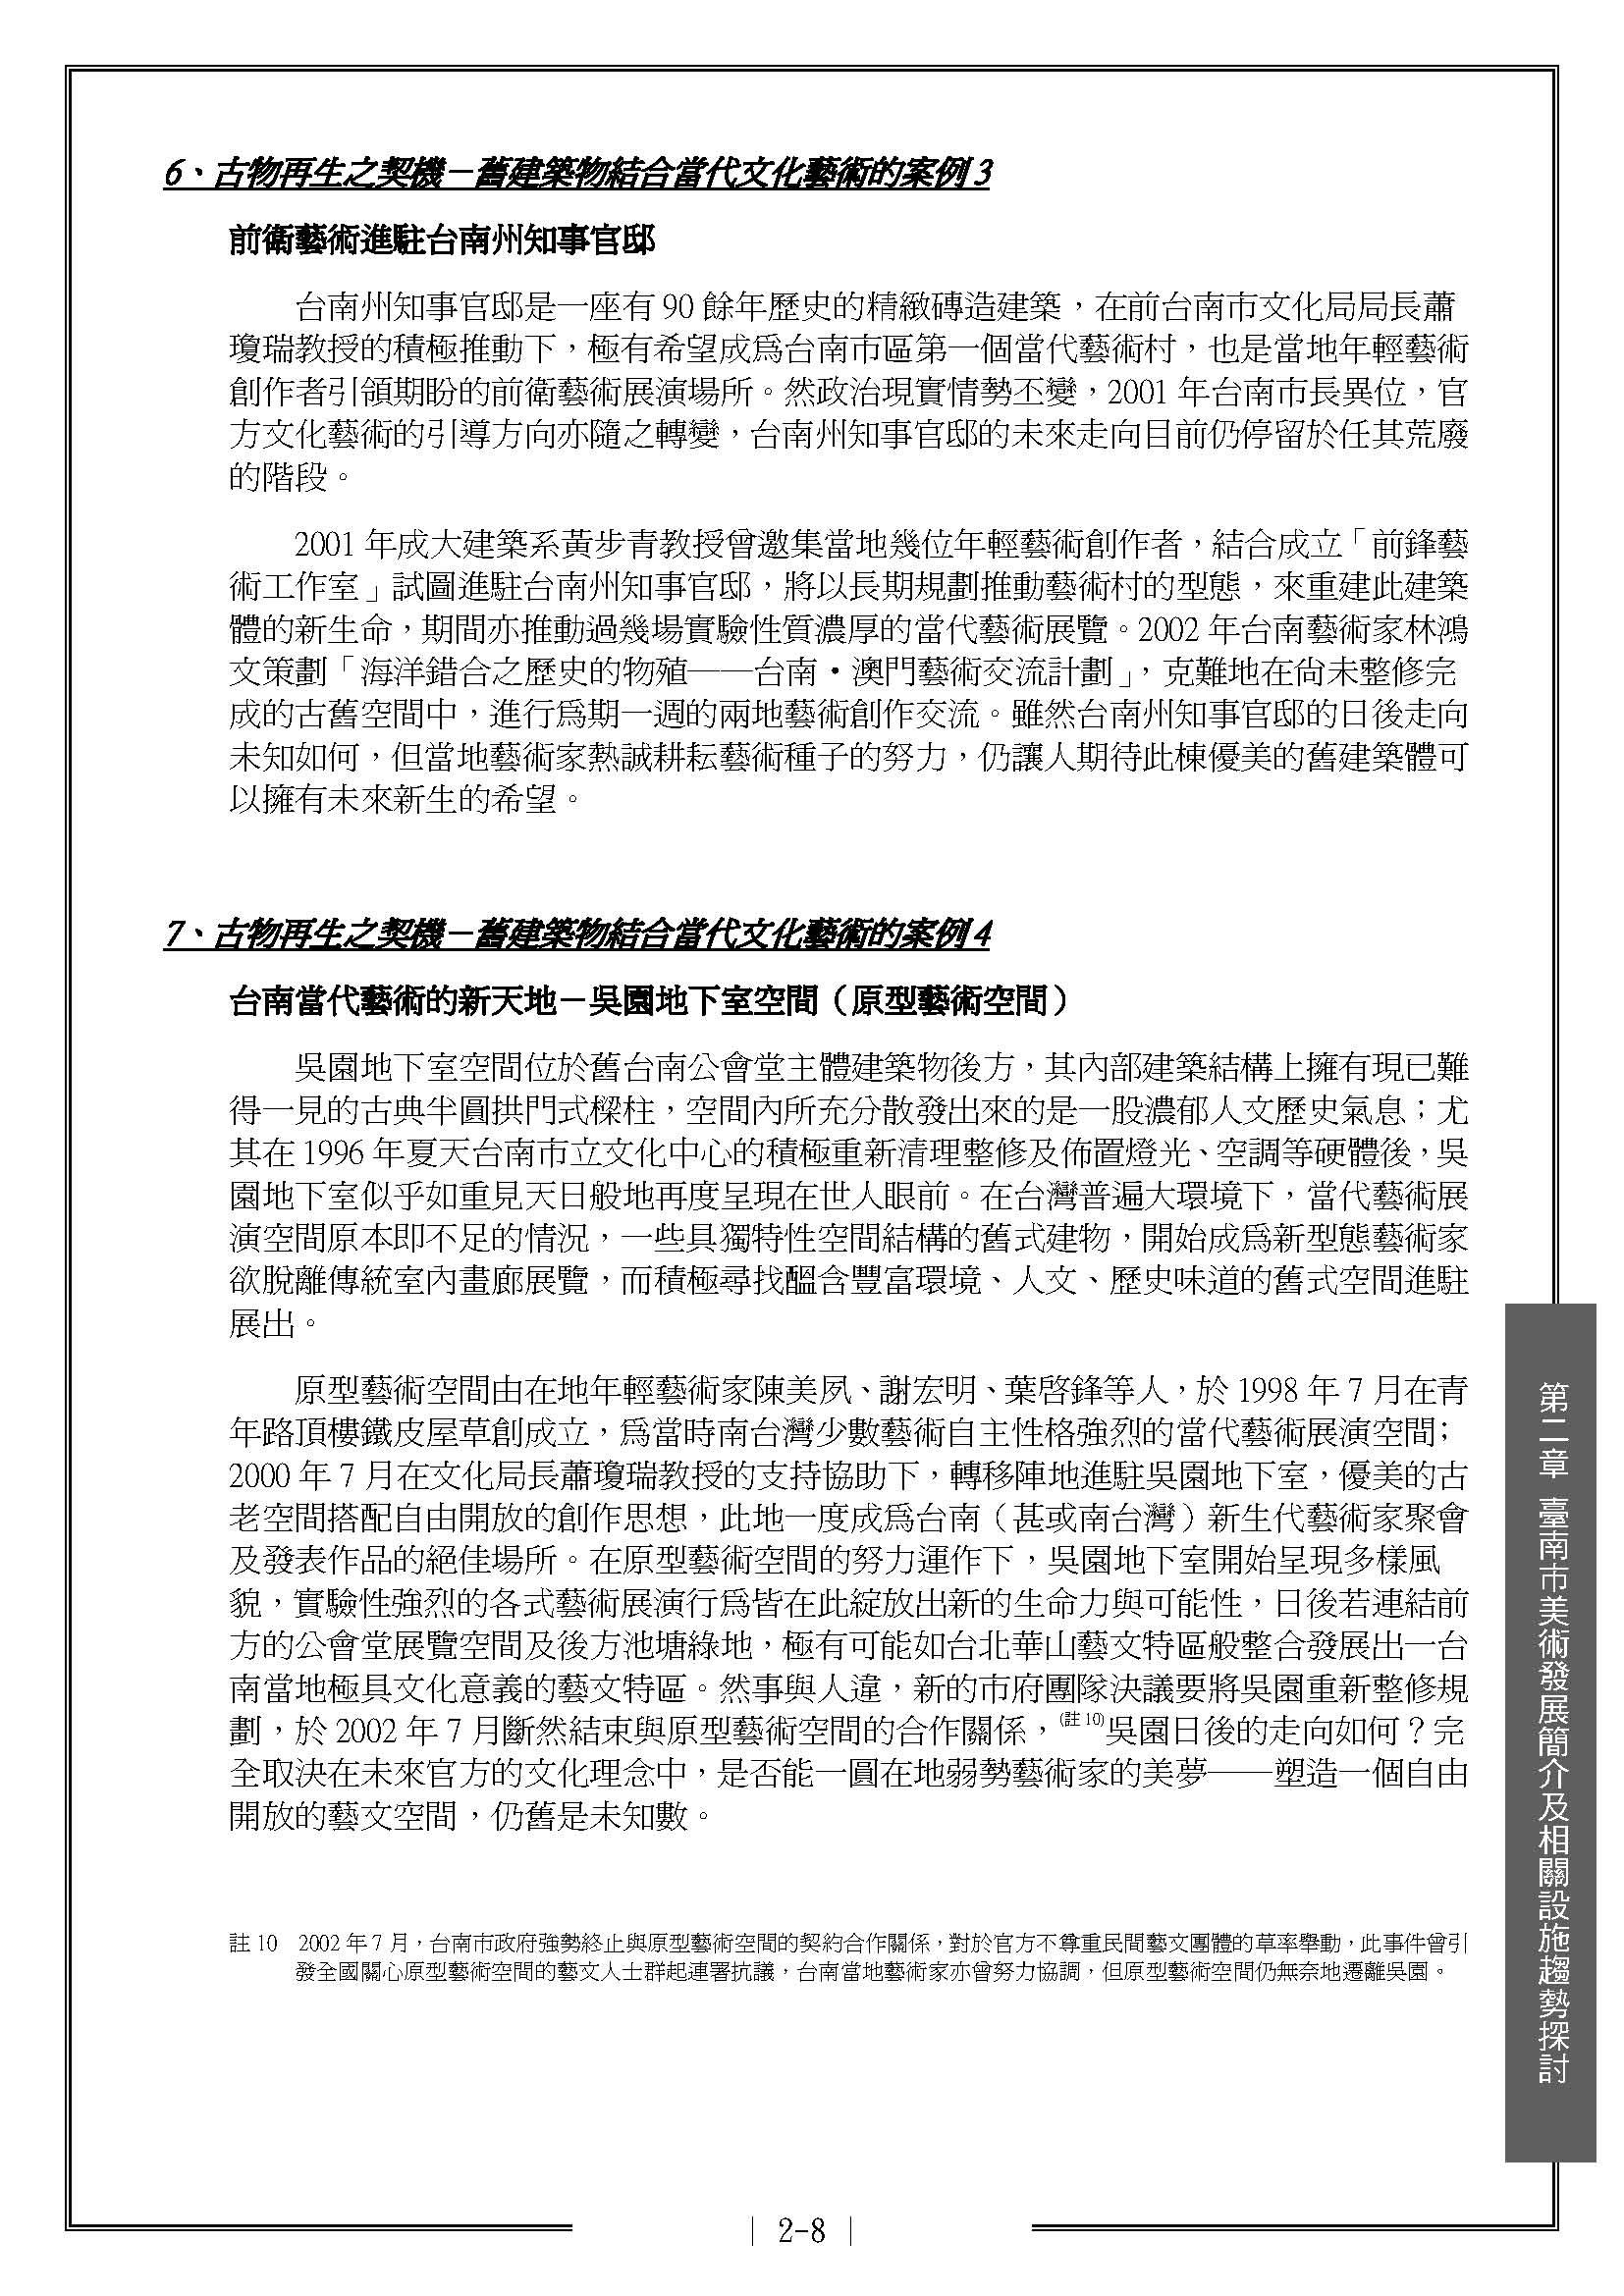 台南市美術館先期規劃成果報告書 - Page 020